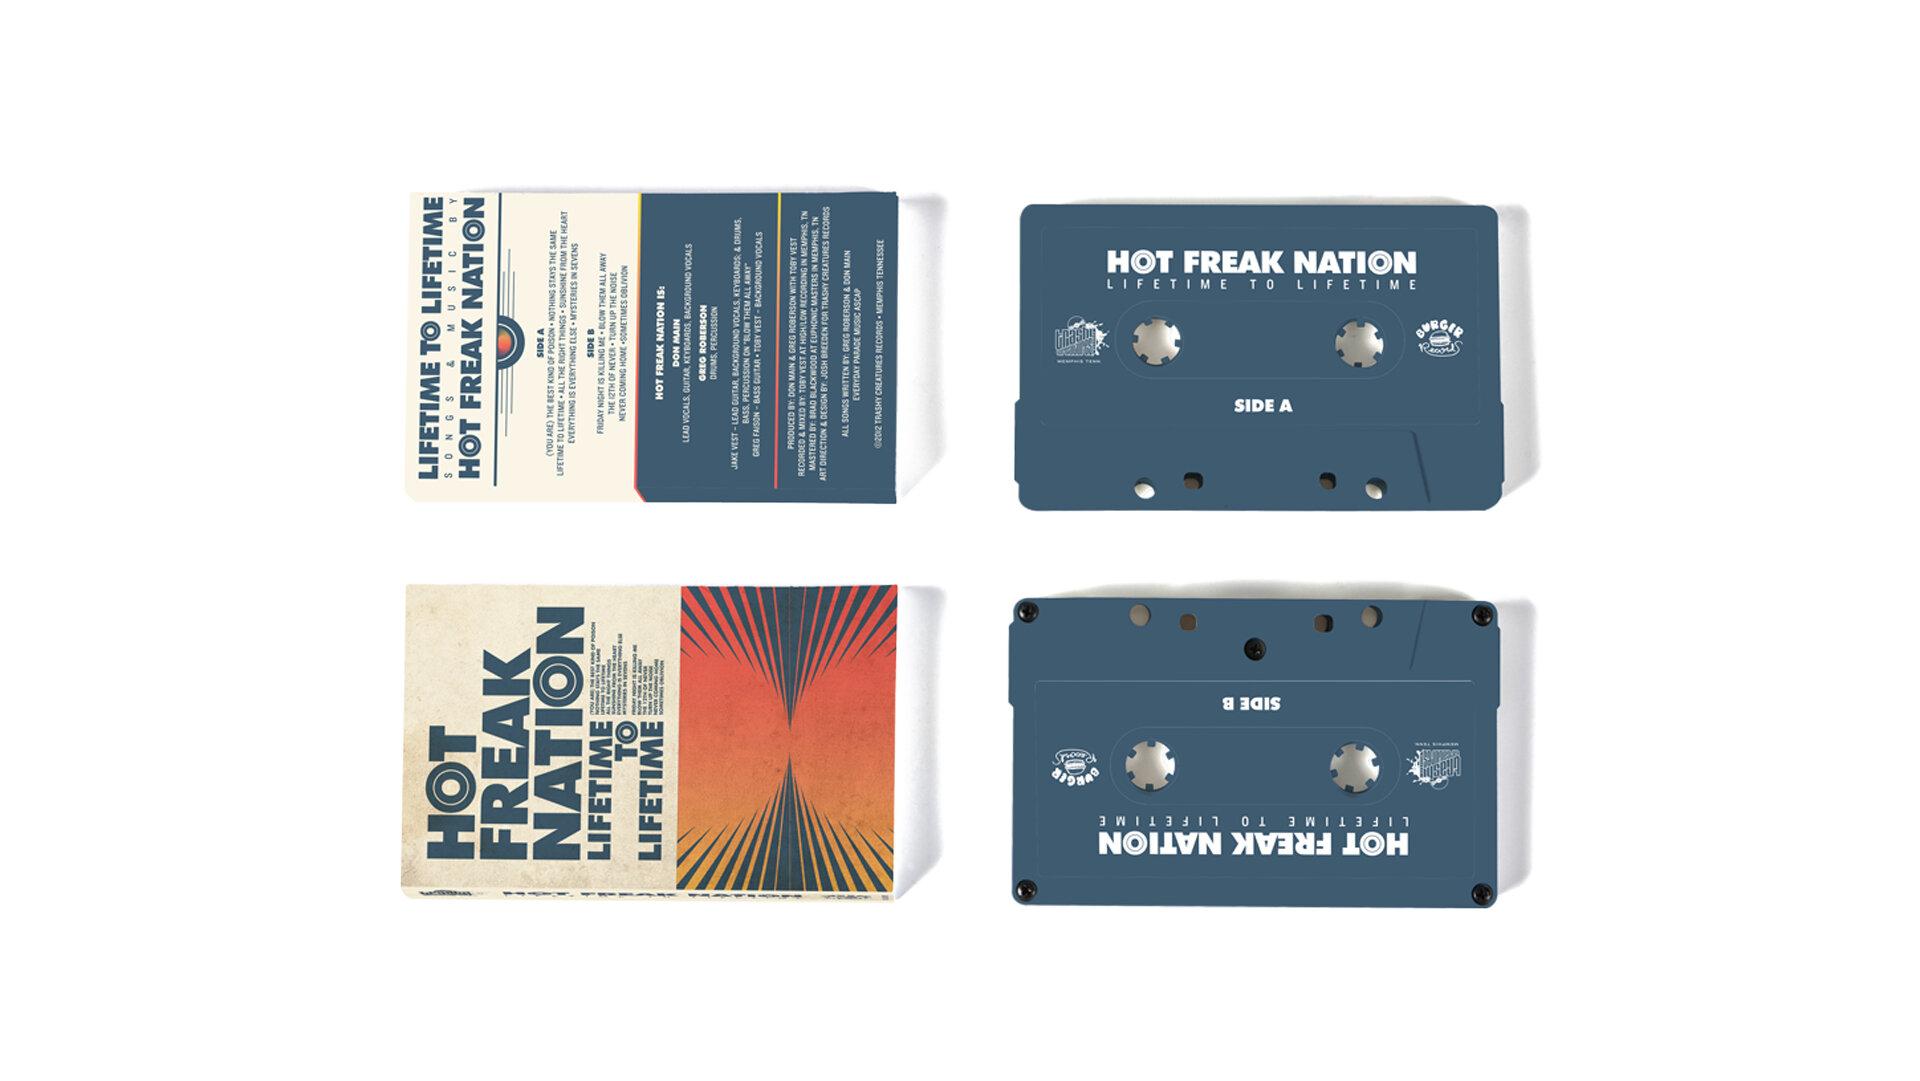 HFN-Lifetime-Cassette-Full-Mockup.jpg